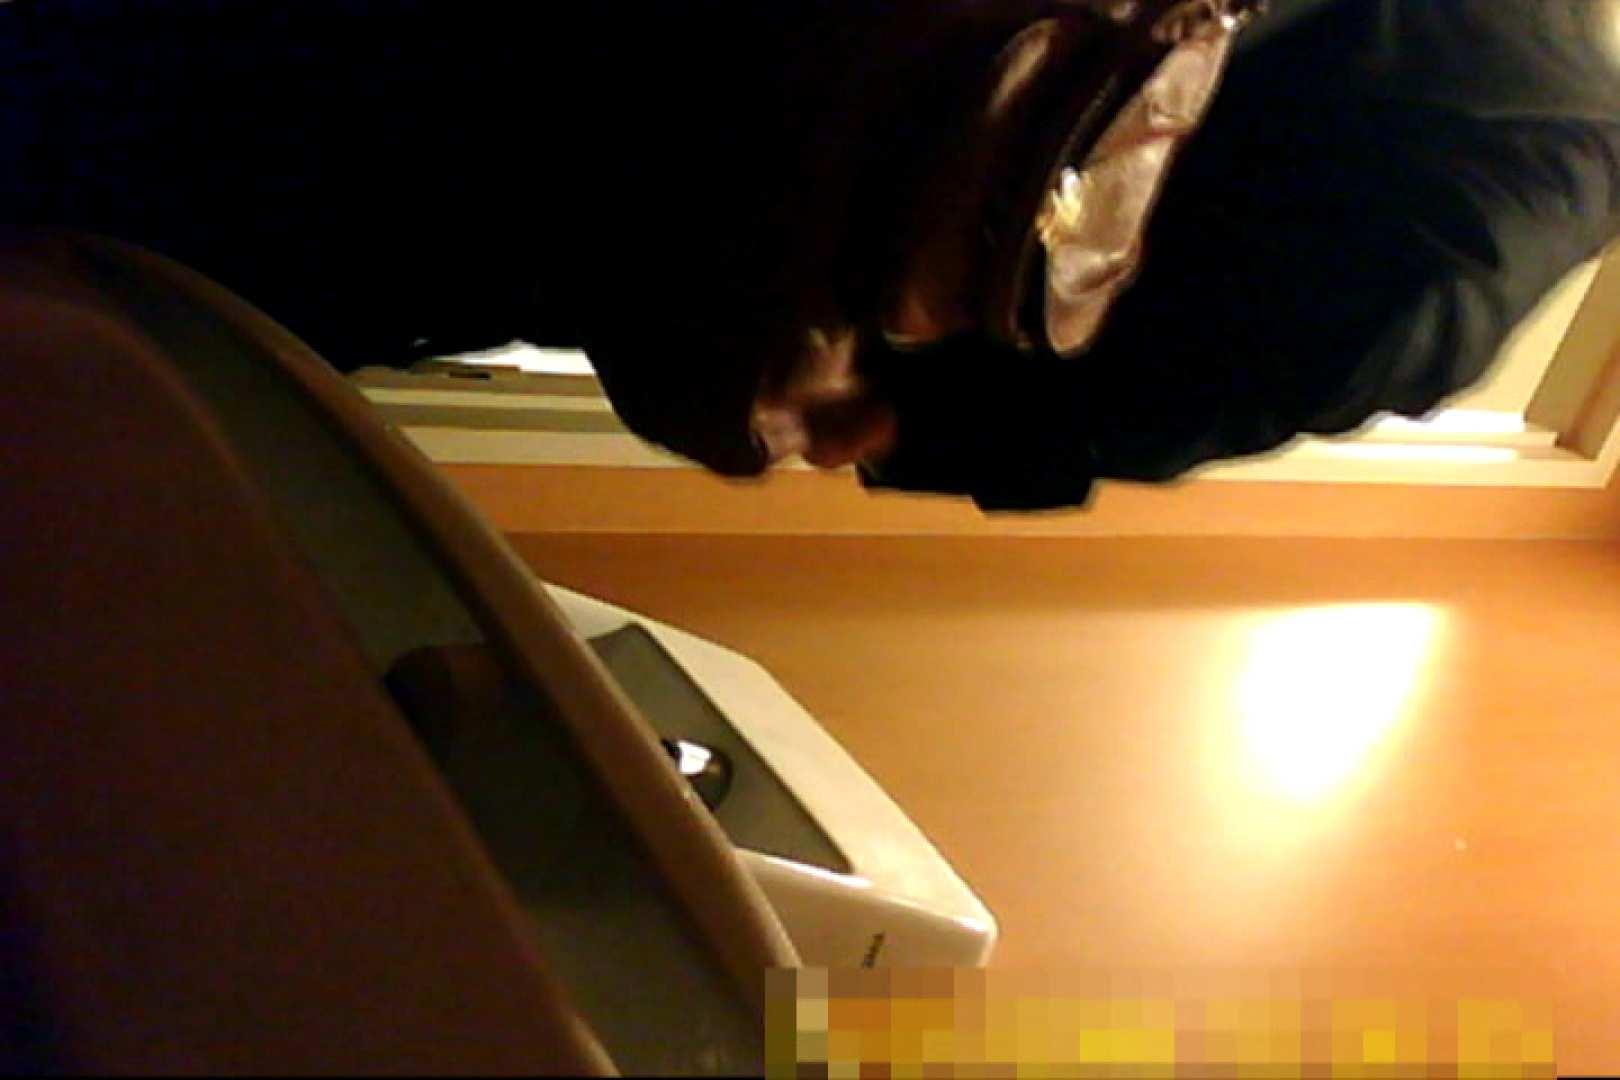 無修正エロ動画|魅惑の化粧室~禁断のプライベート空間~28|大奥